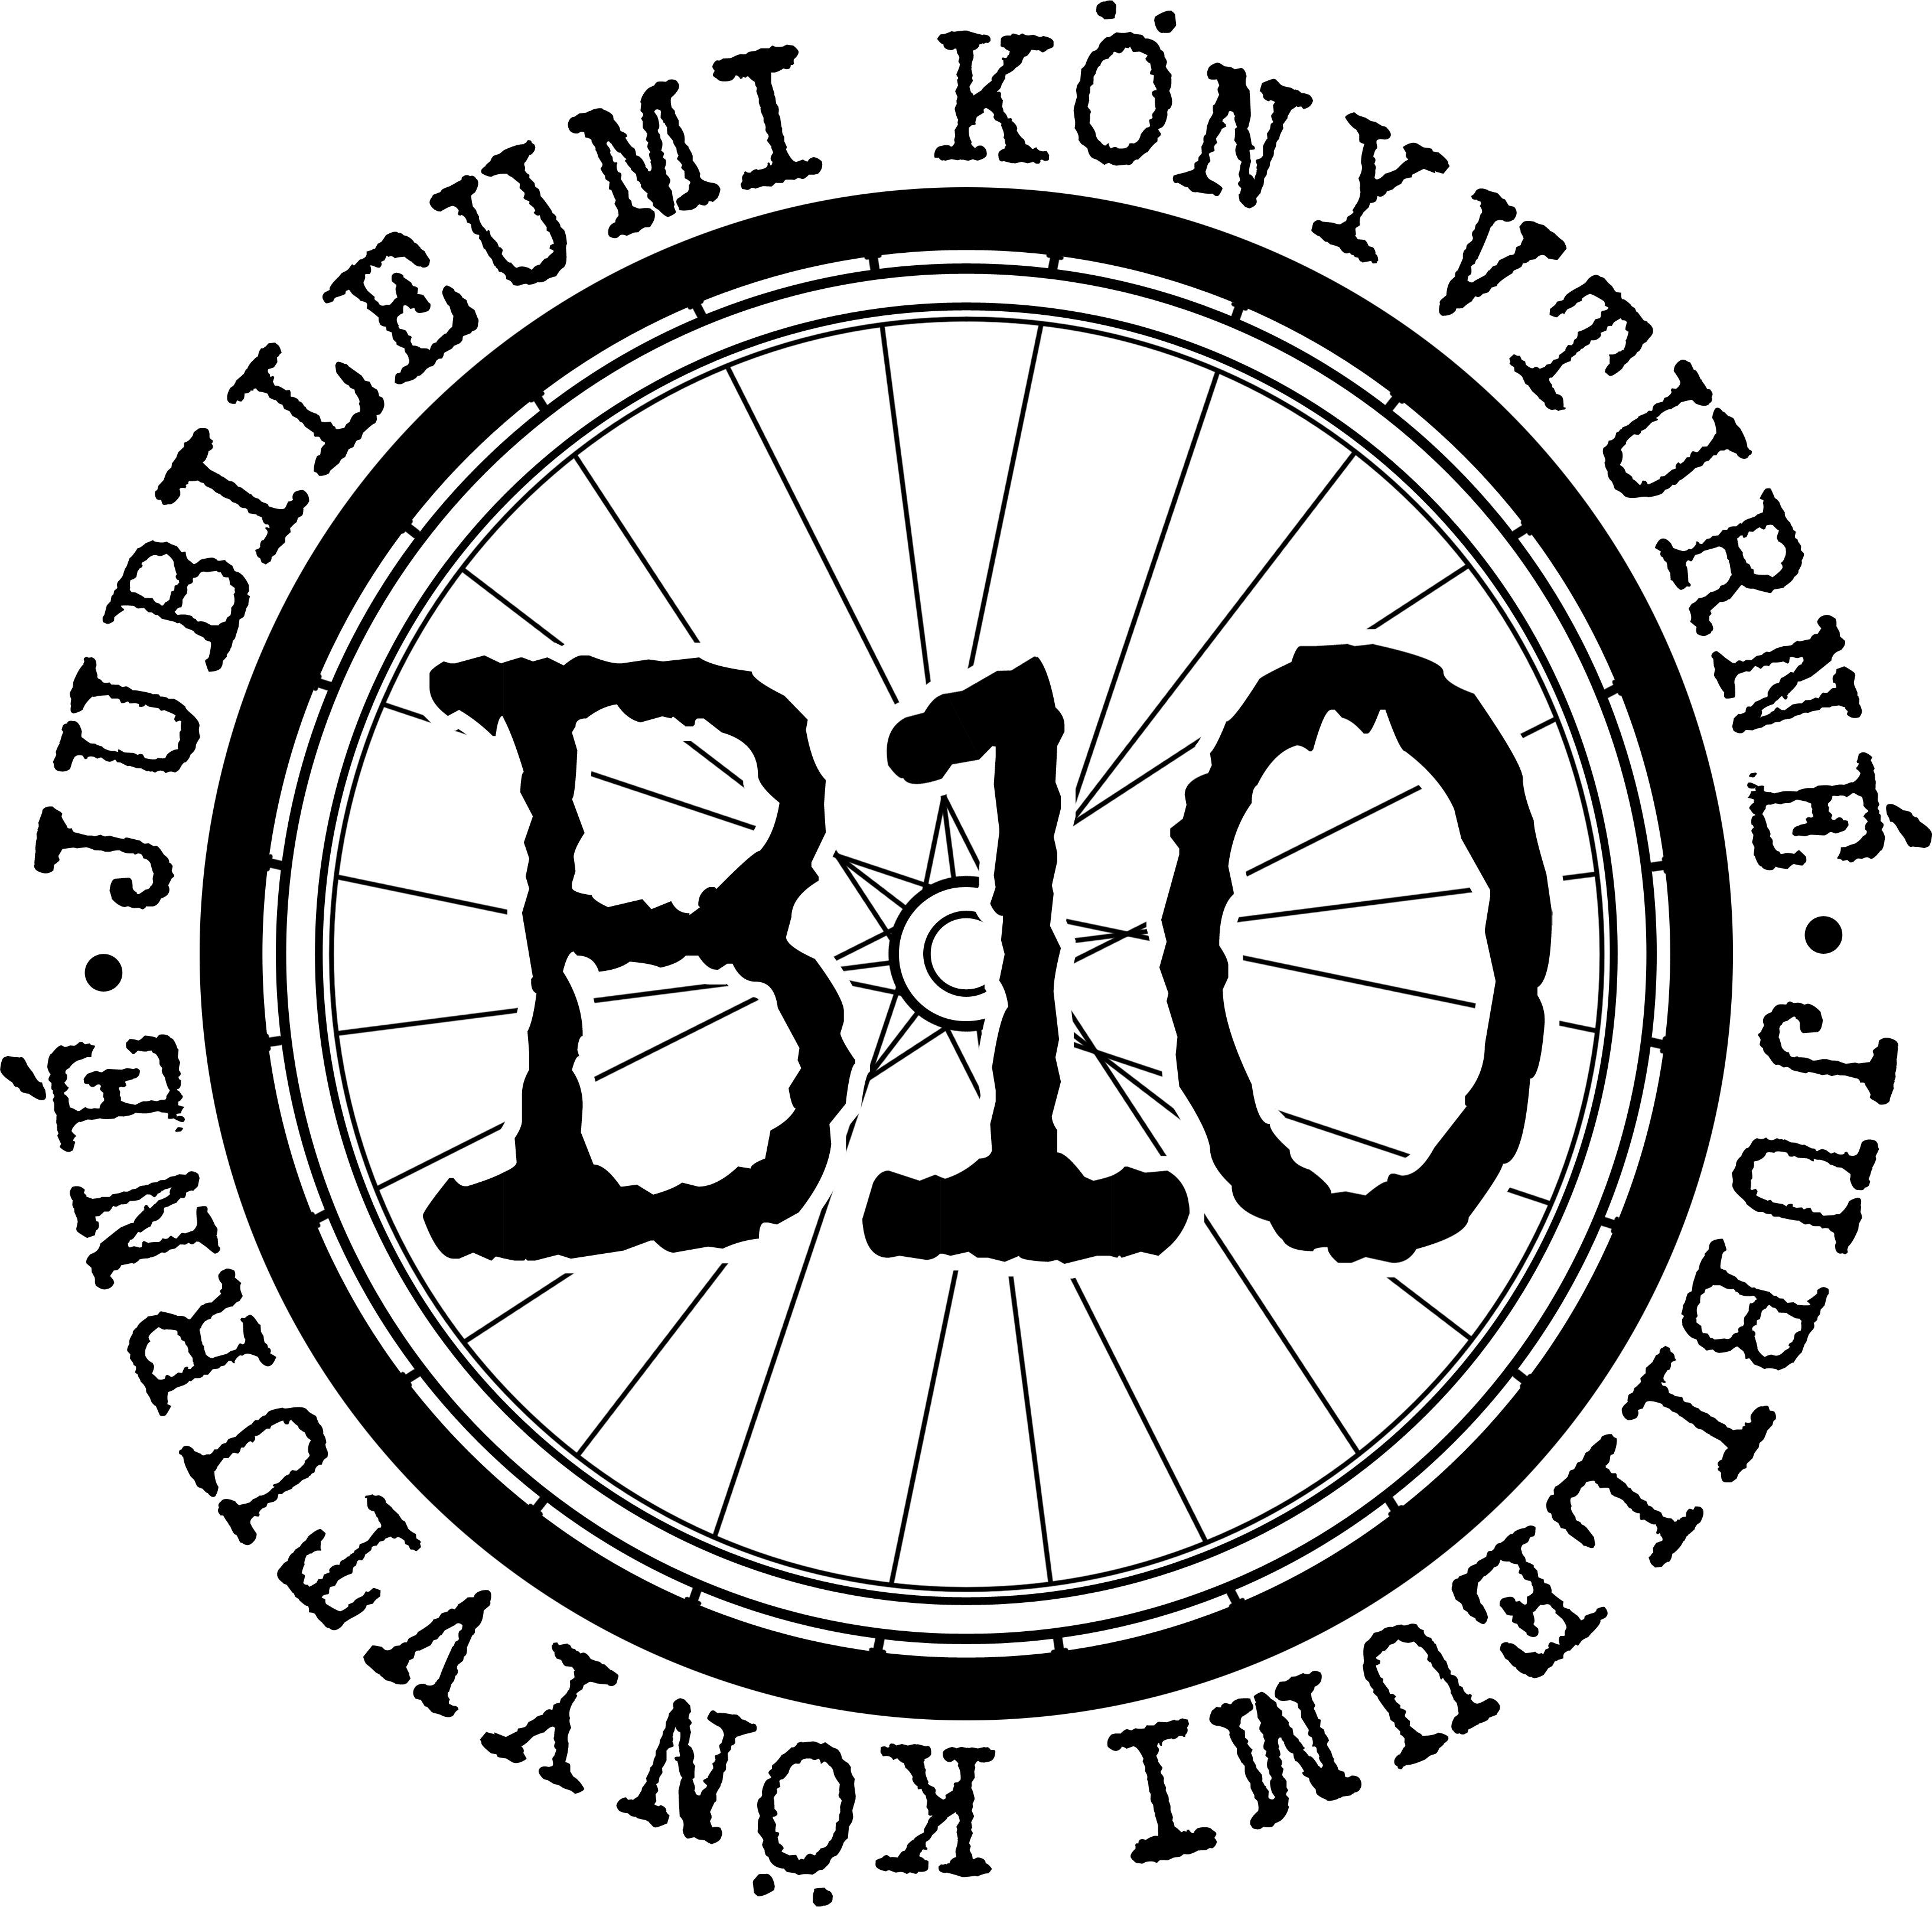 b10logo.jpg